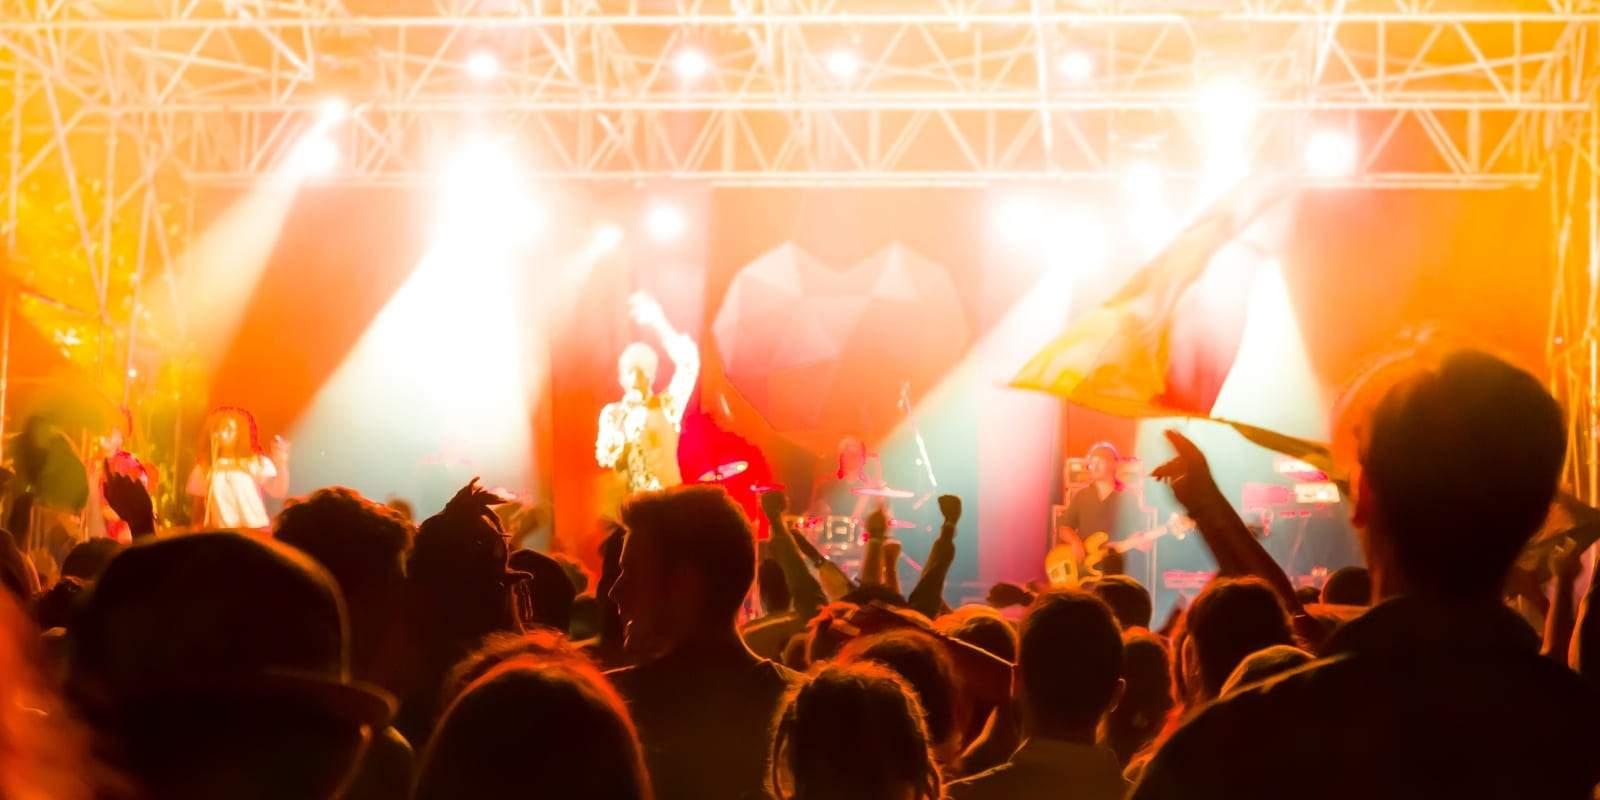 Concert de musique reggae roots avec les couleurs vertes jaunes rouges flottants dans les airs